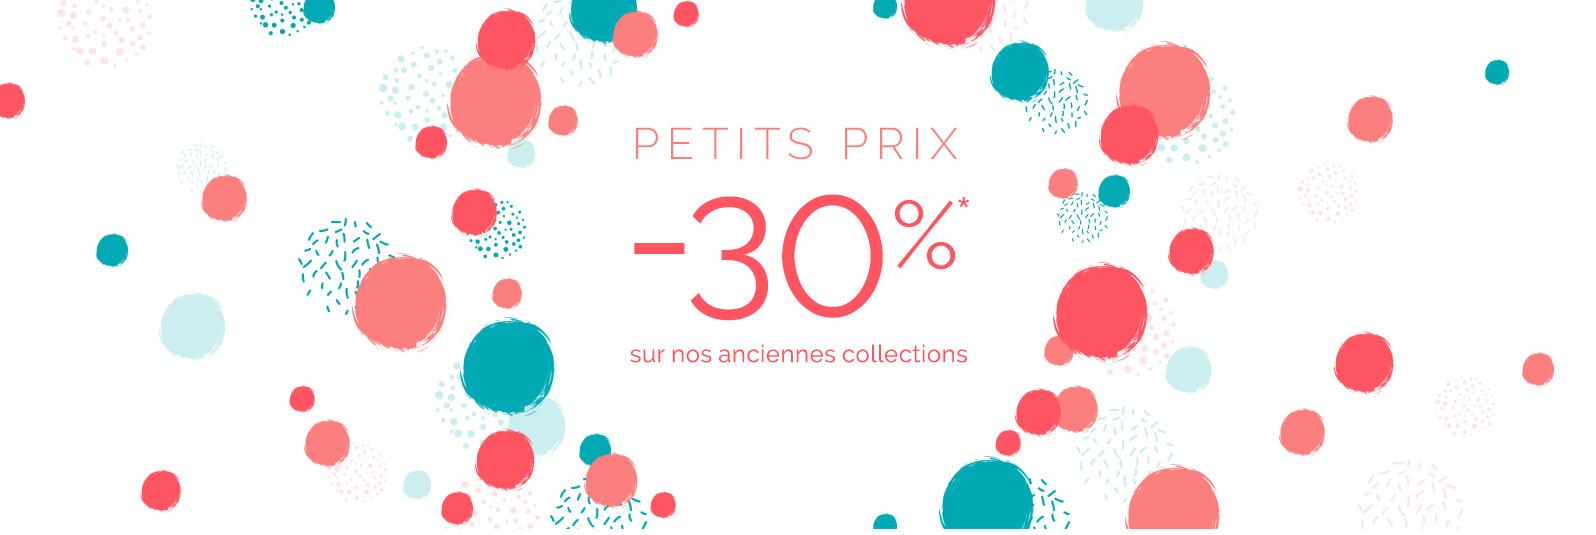 Petits Prix : -30% sur nos anciennes collections